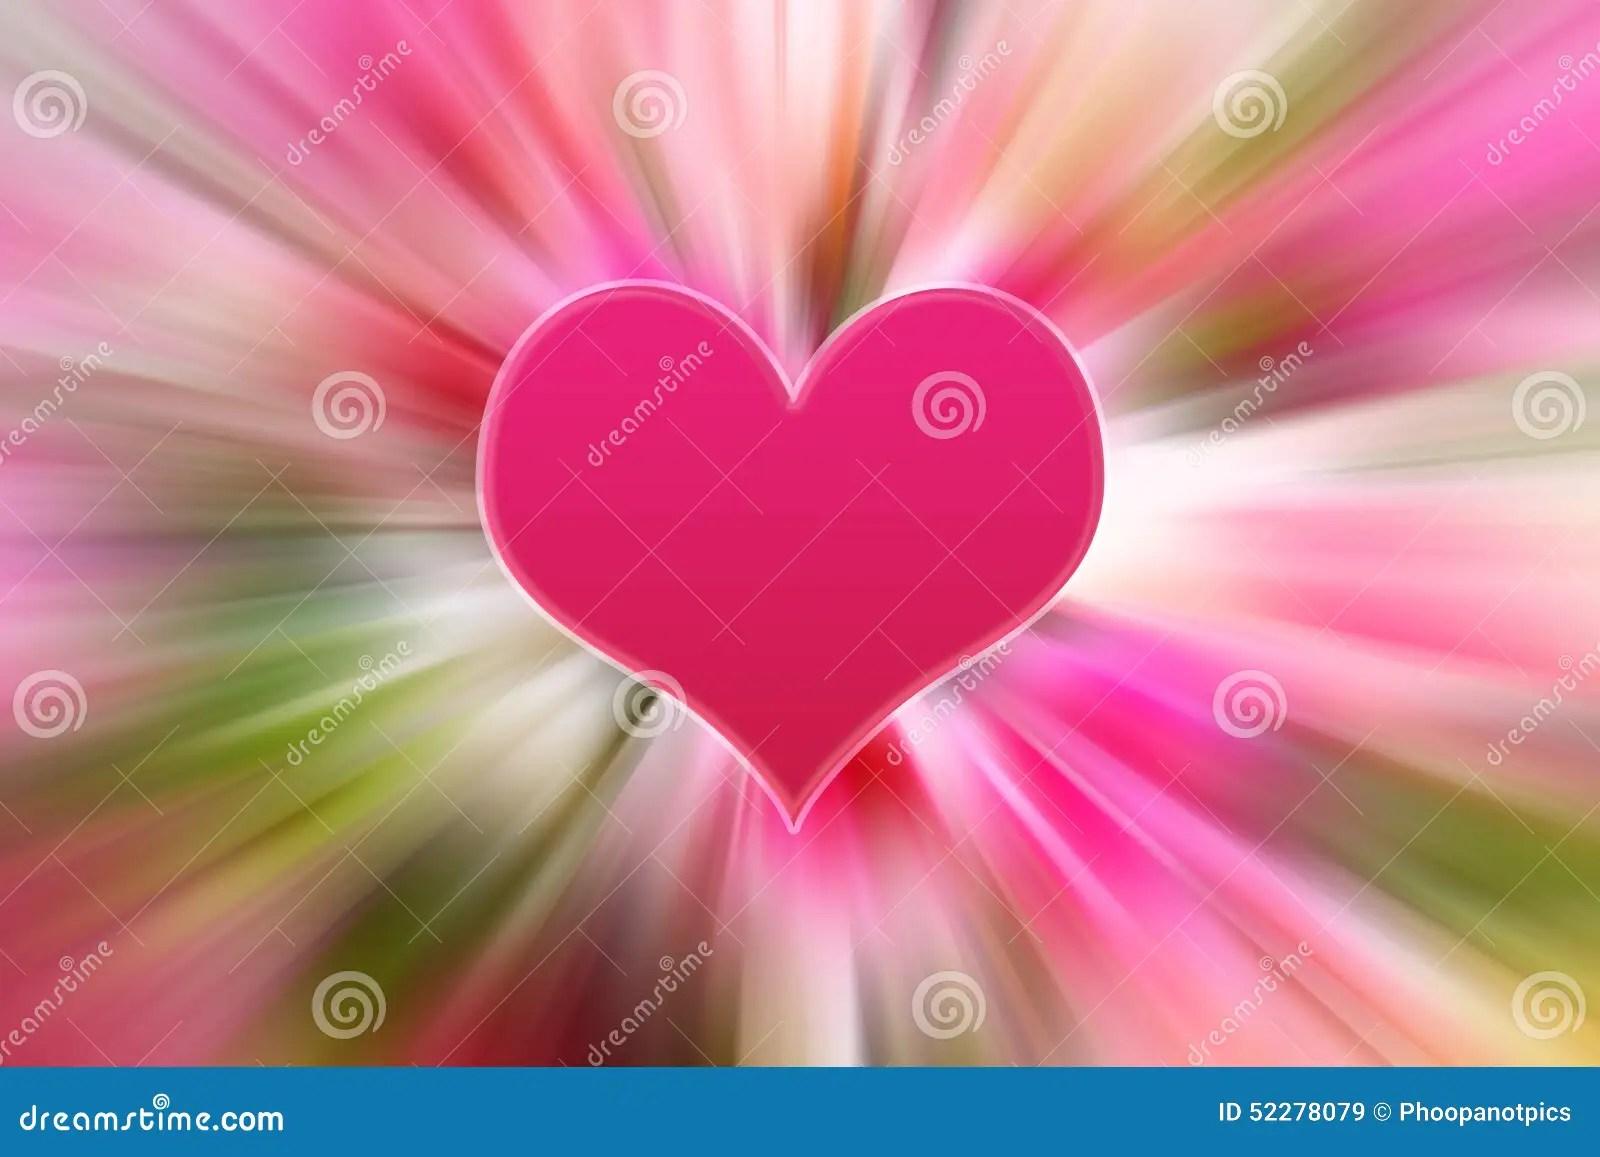 the lovely heart stock